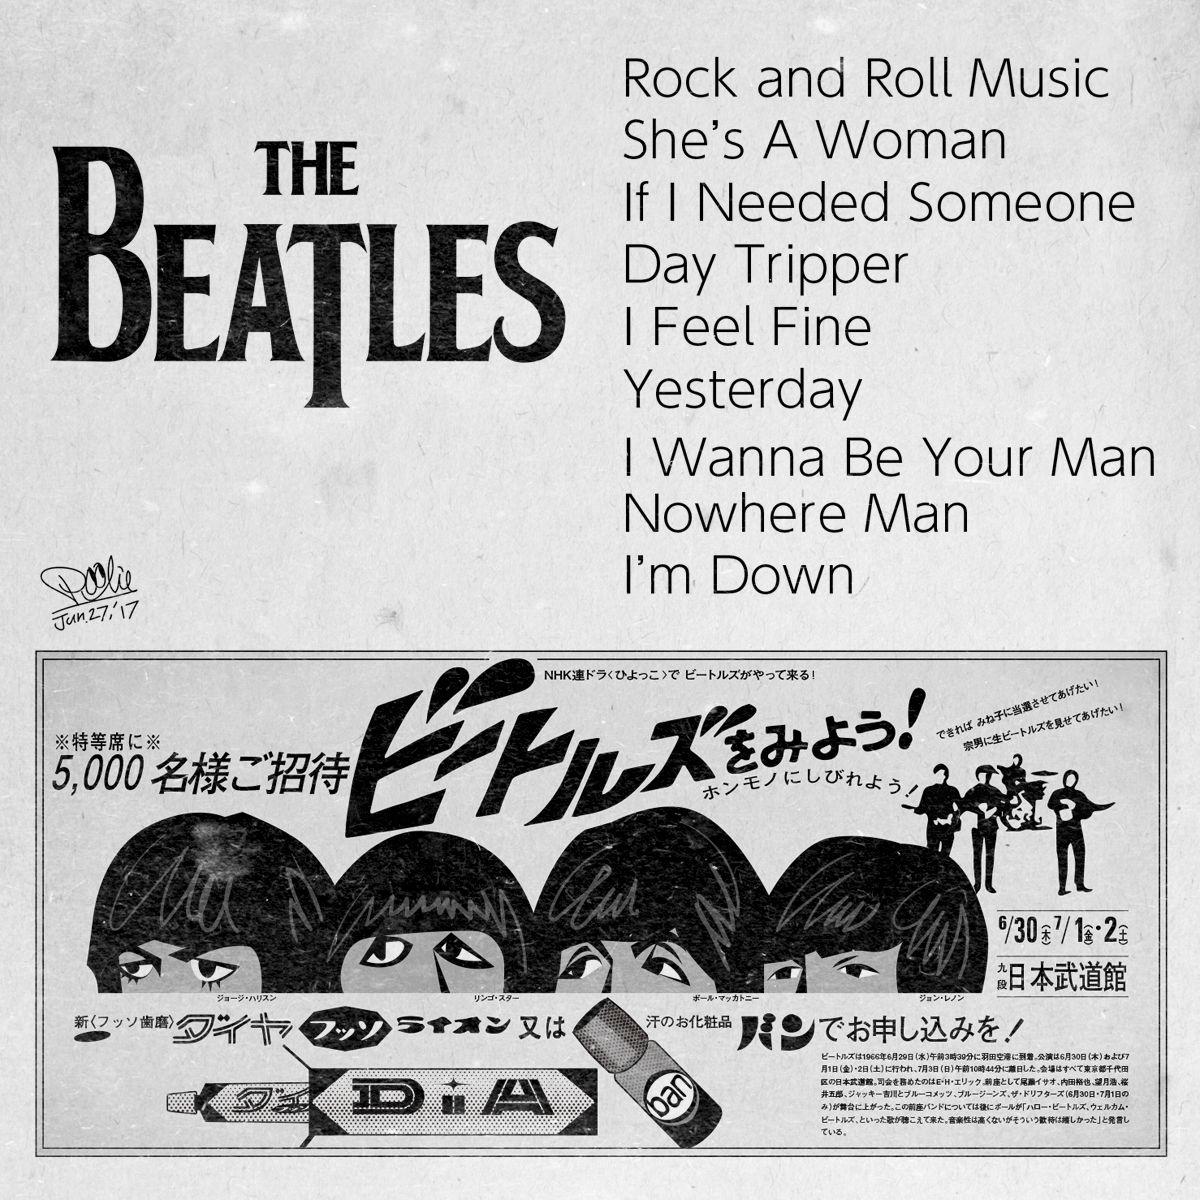 ビートルズ日本公演イラスト